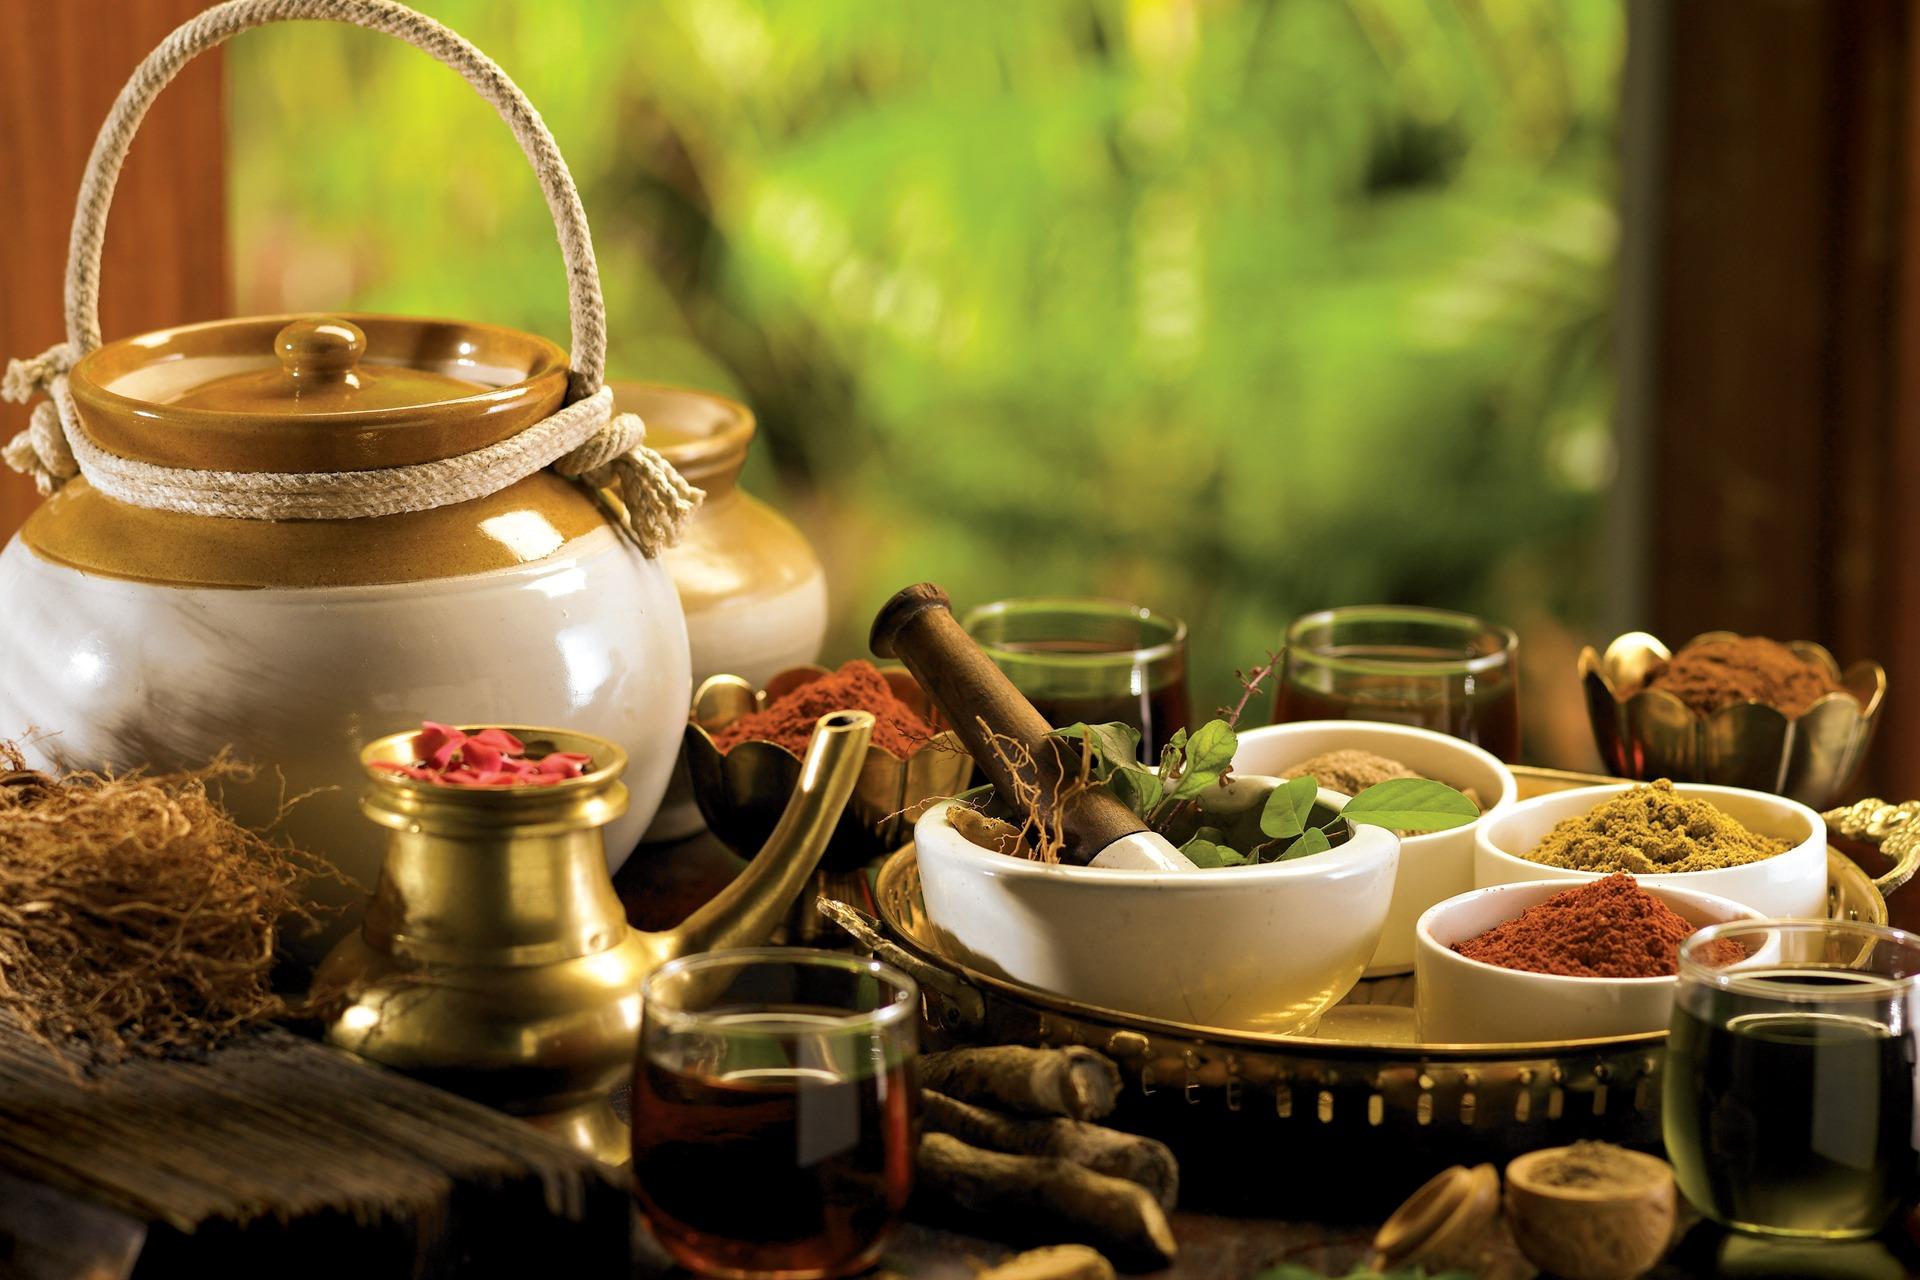 ingredients of ayurveda